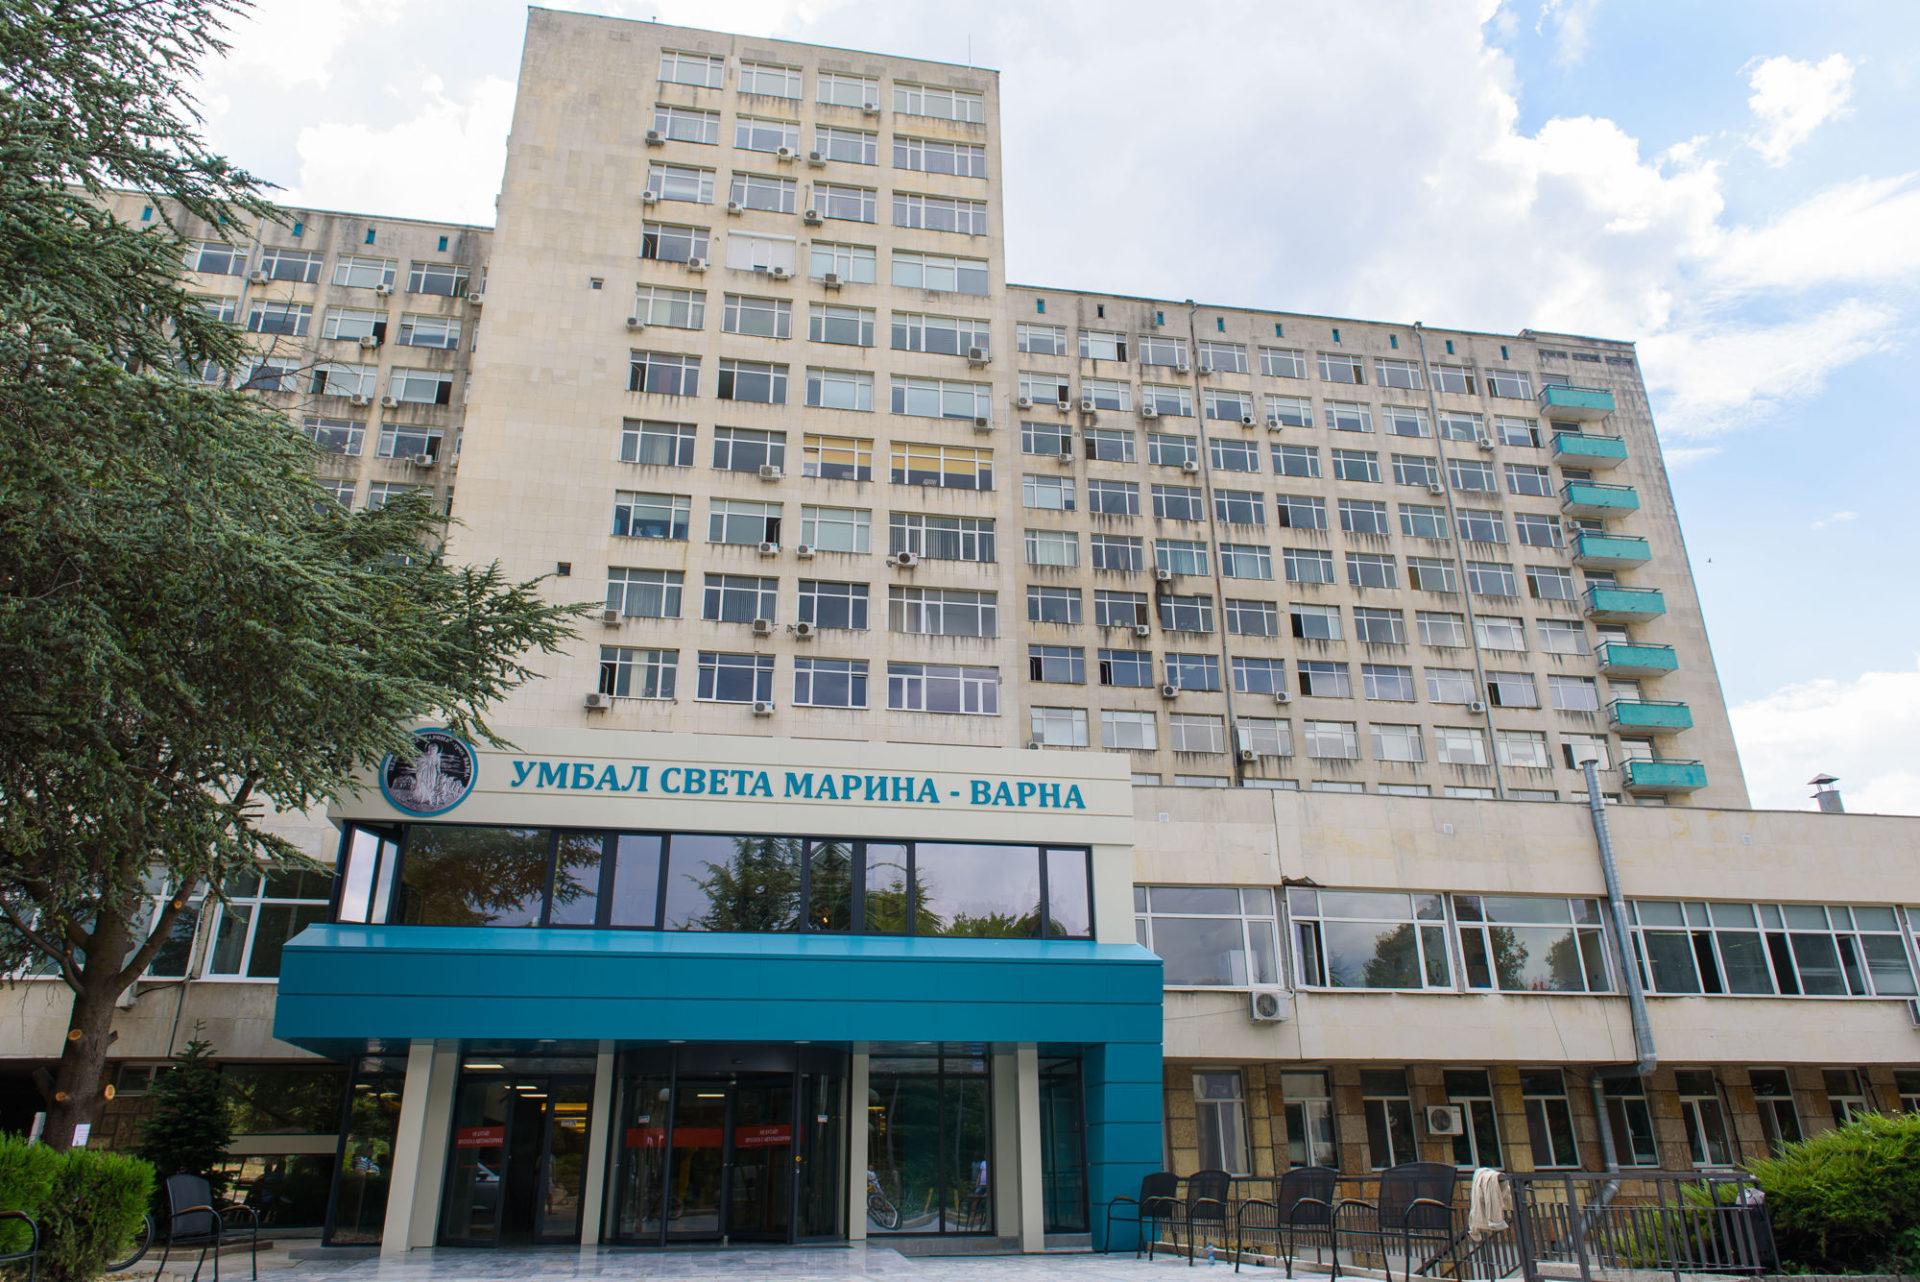 """Безплатни прегледи за рак на гърдата ще се провеждат един път месечно в УМБАЛ """"Св. Марина"""""""